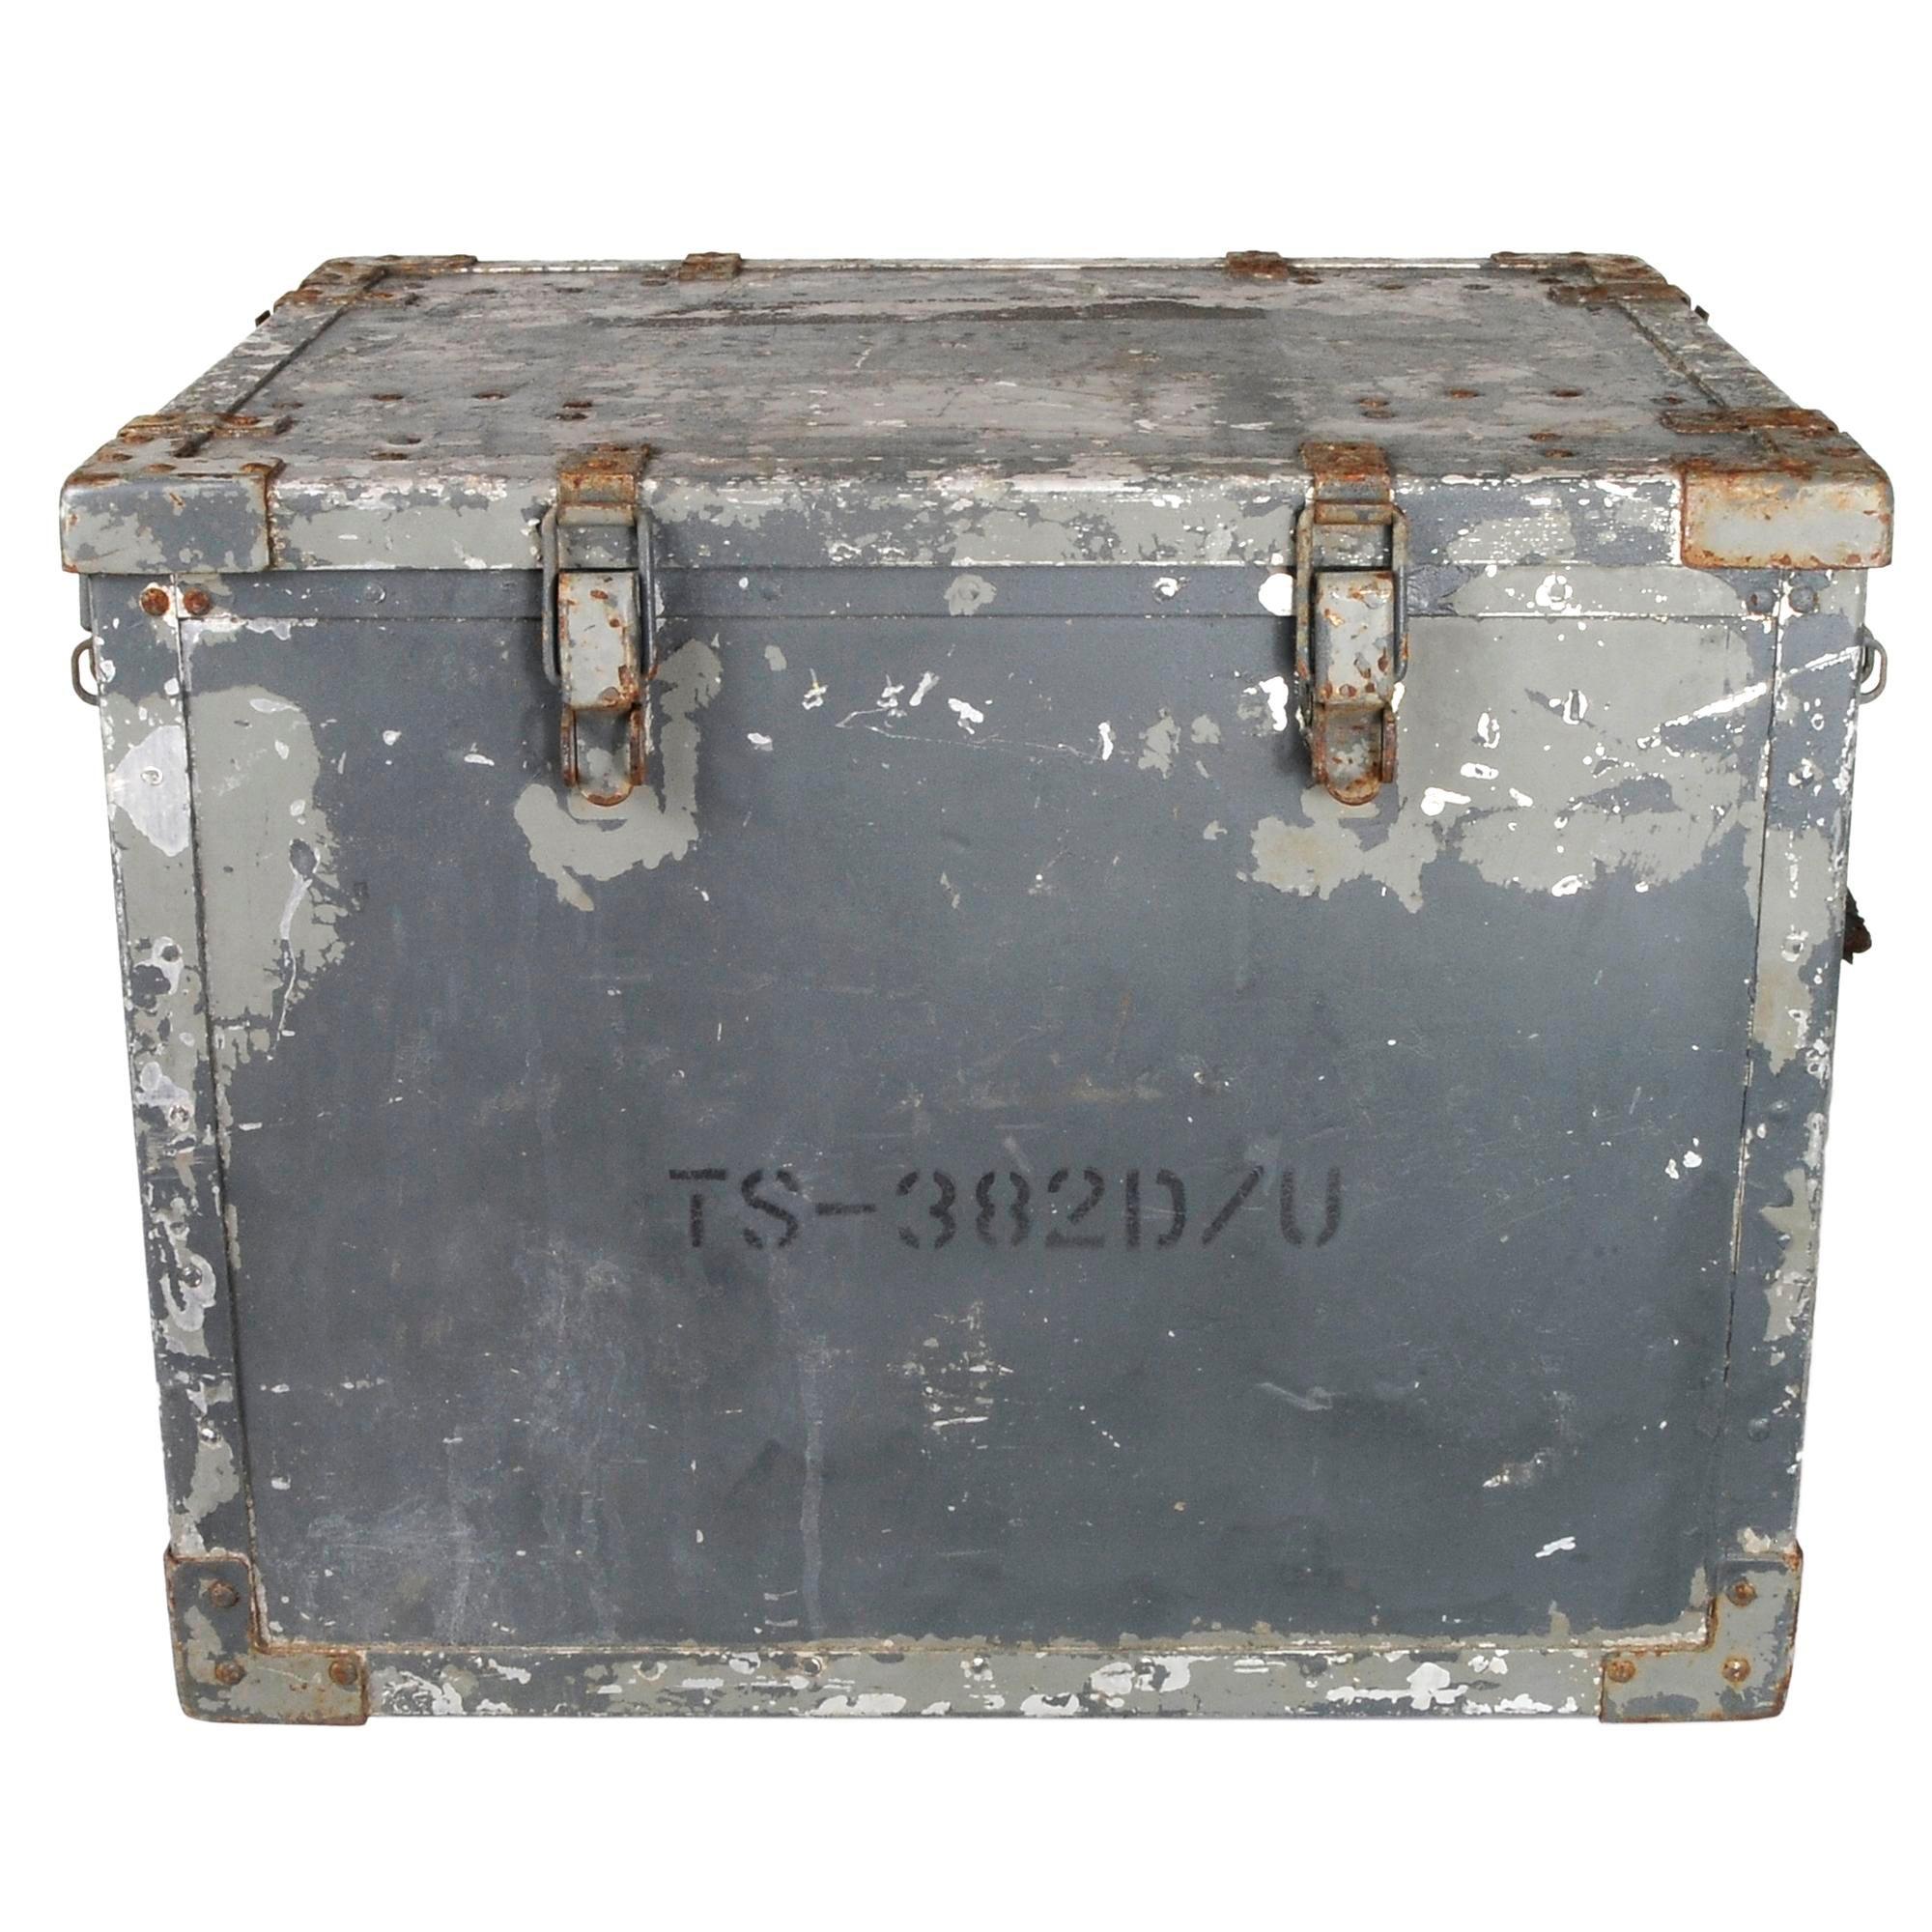 Vintage Trav Ler Radio Military Audio Oscillator Case Chairish Oscillators